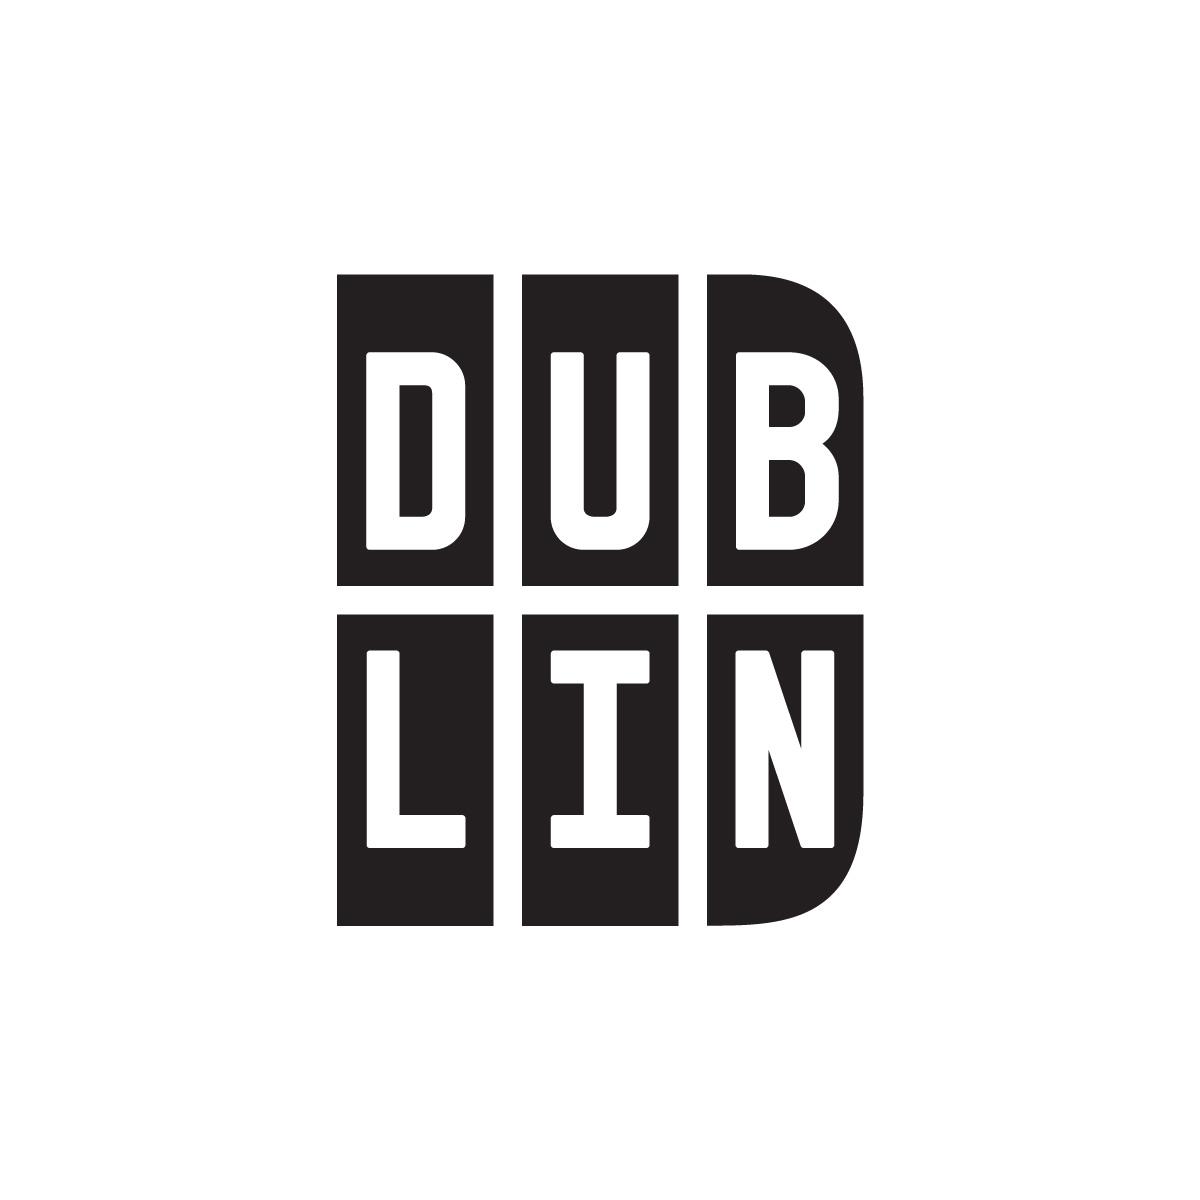 Dublin_ID